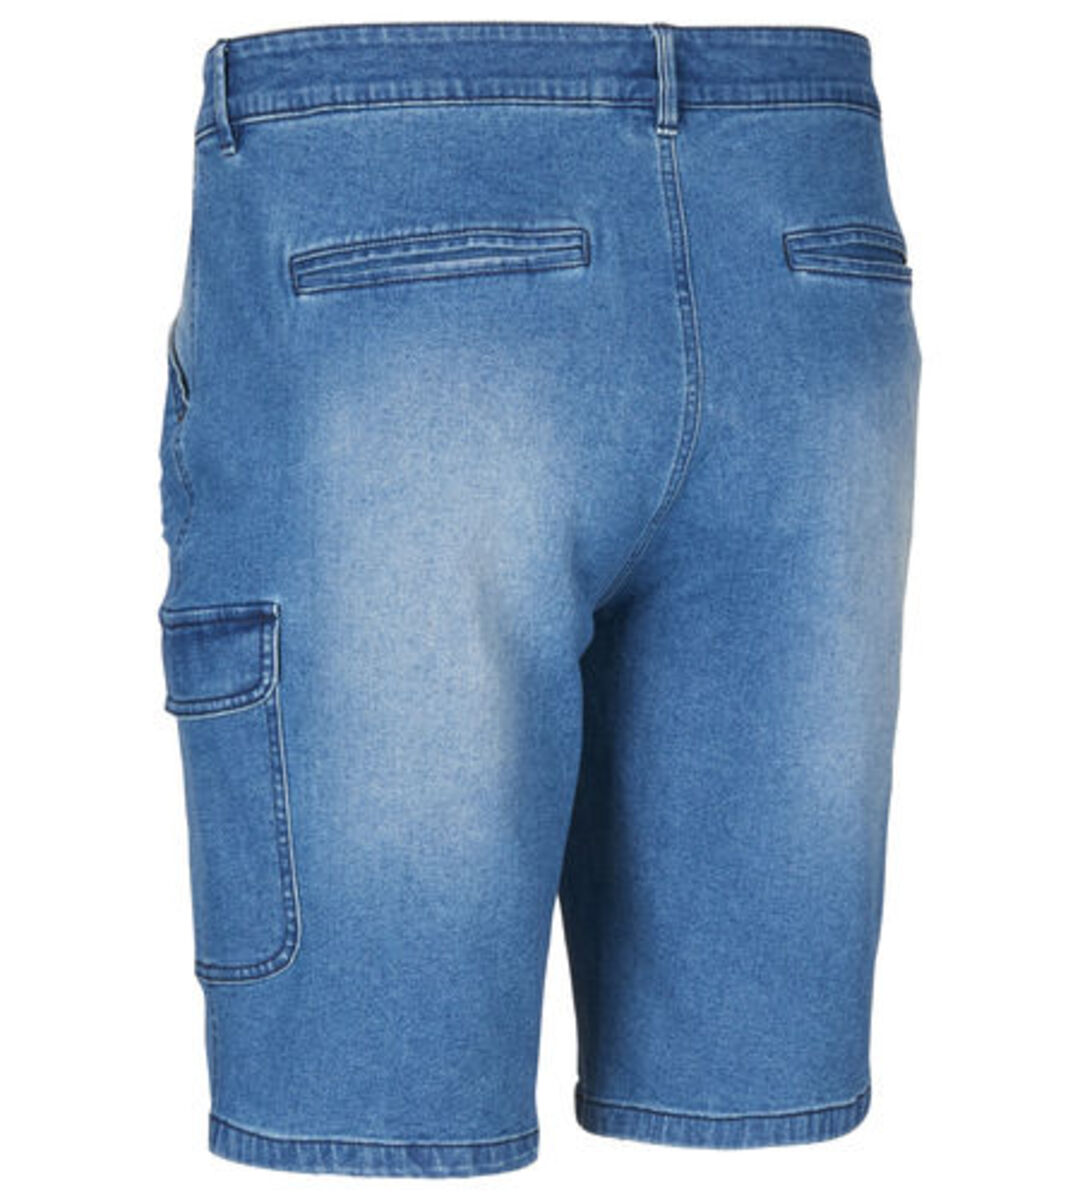 Bild 4 von Identic More Jeans-Shorts